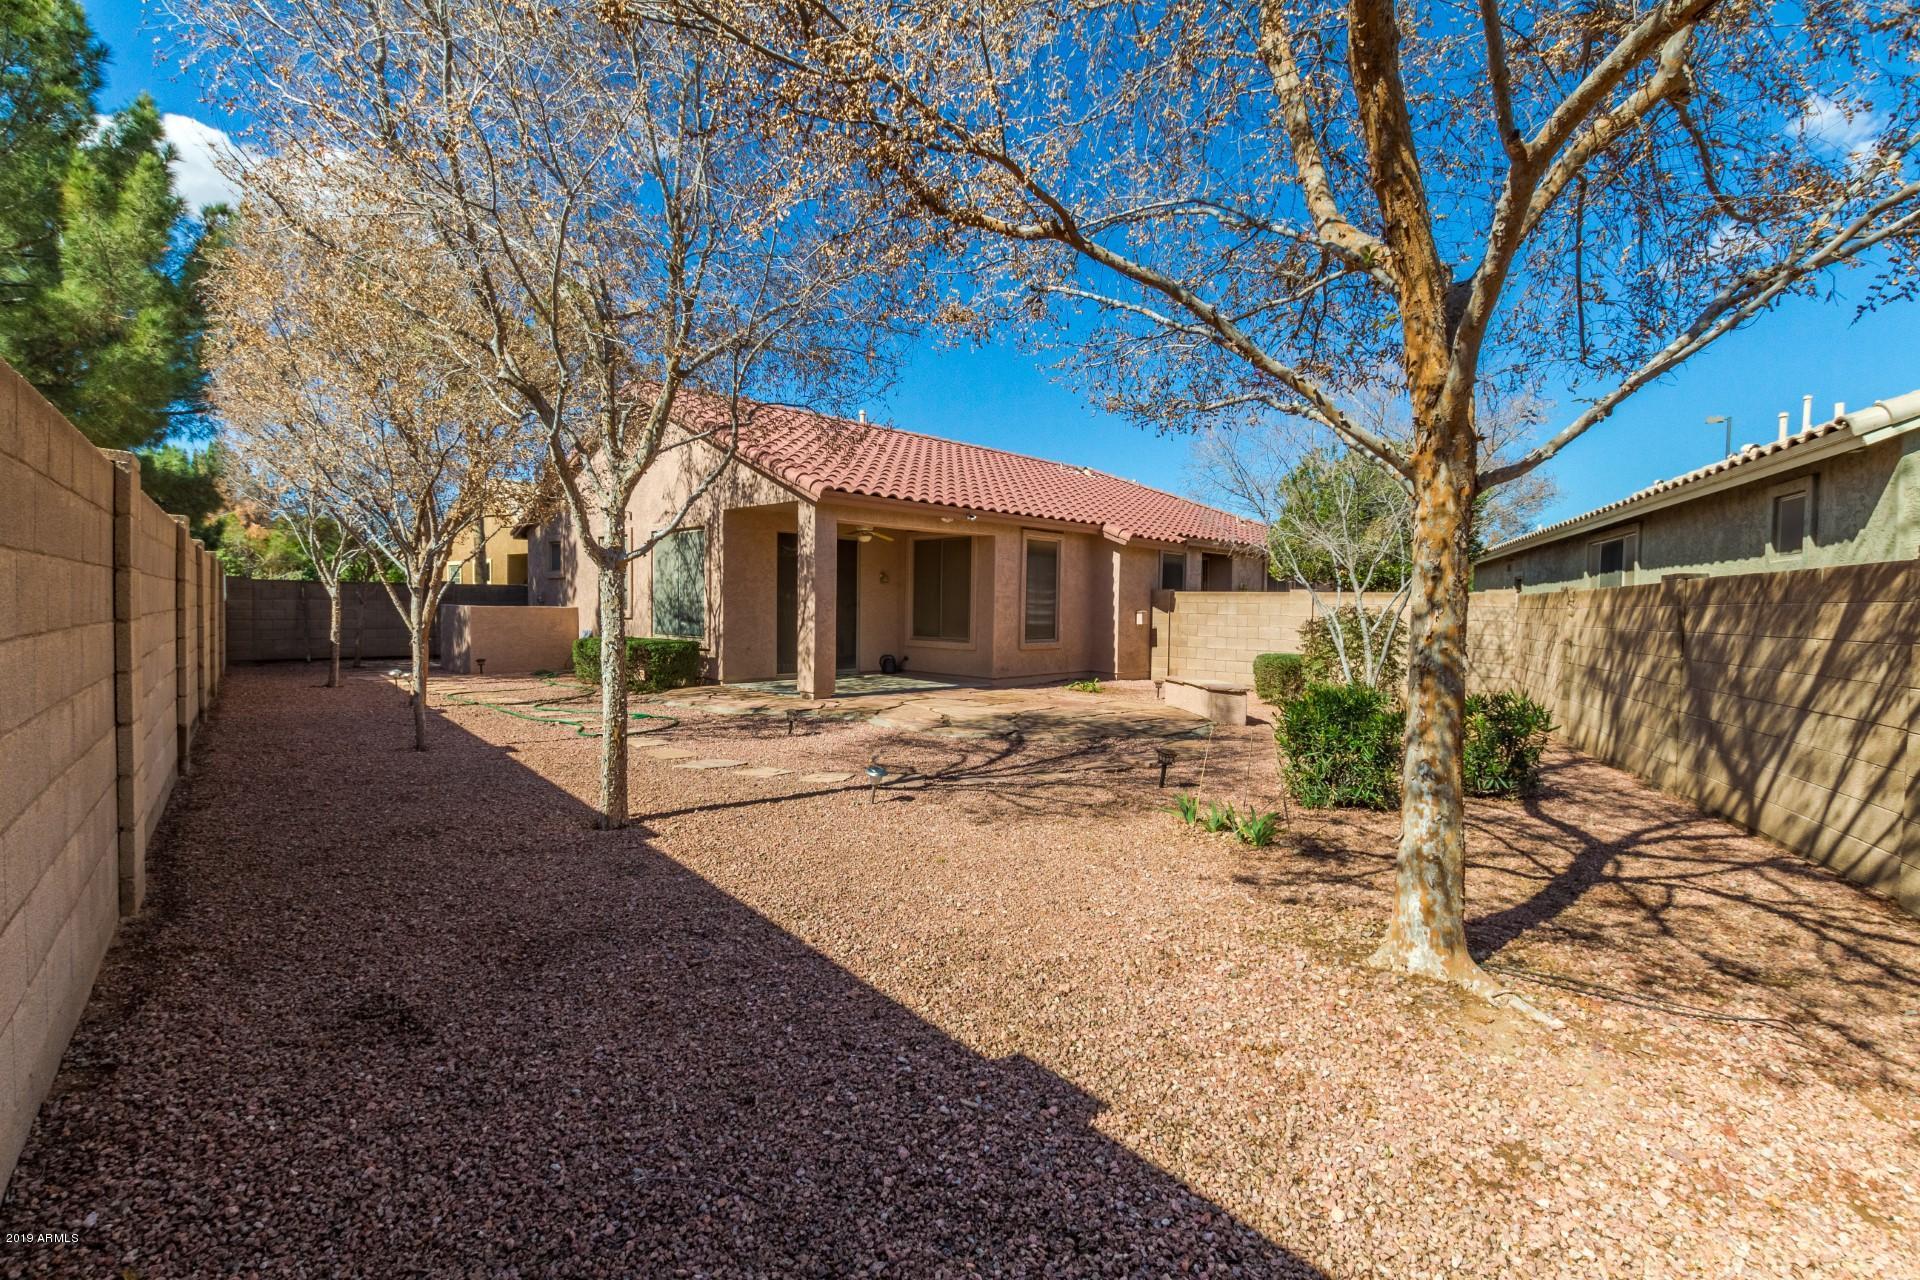 MLS 5880529 1137 E TEMPLE Court, Gilbert, AZ 85296